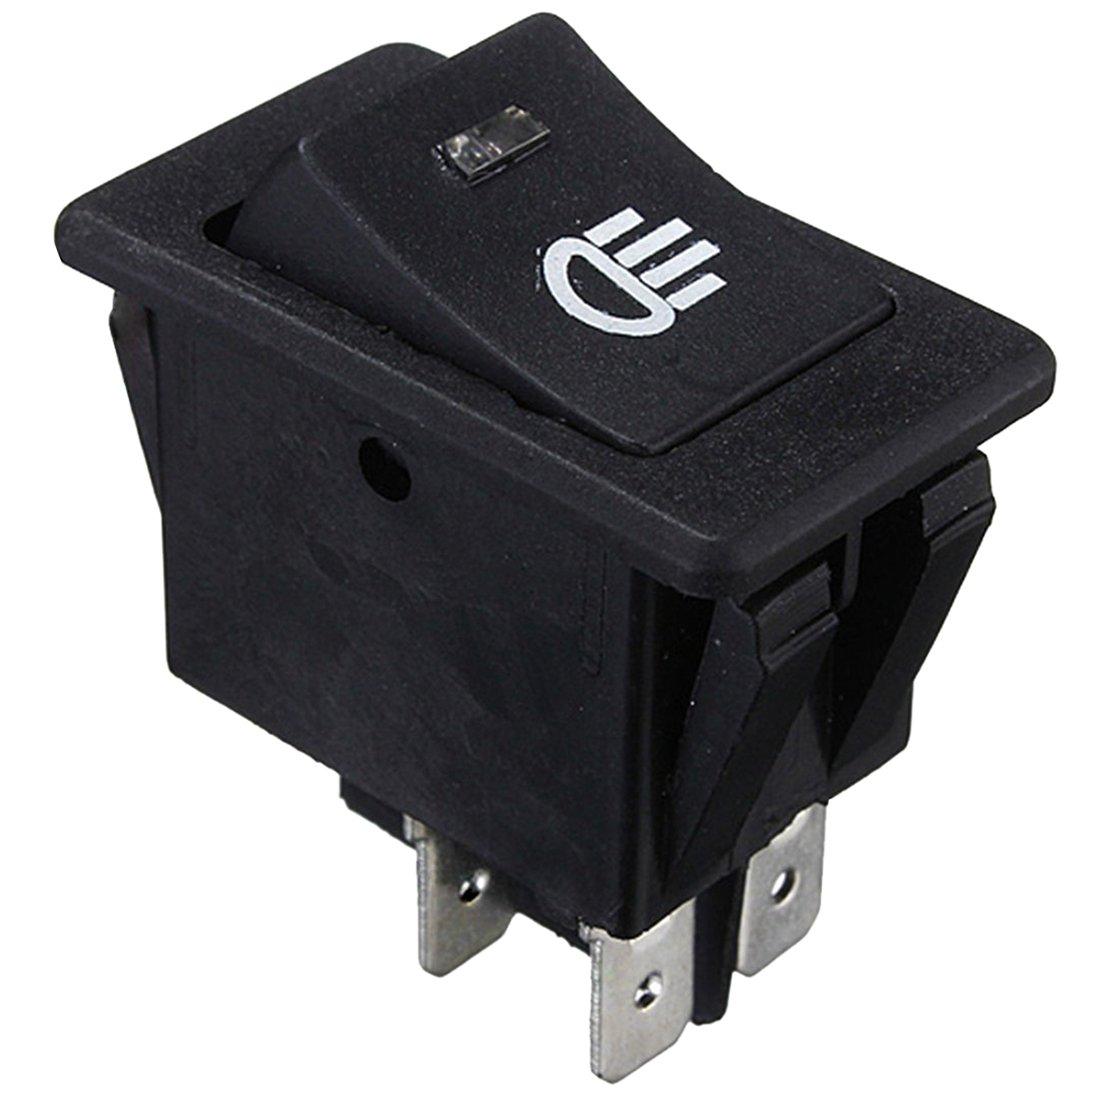 SODIAL(R) 12V Universal Fog Lights Rocker Switch LED Car Lamp - Green LED 069683A4